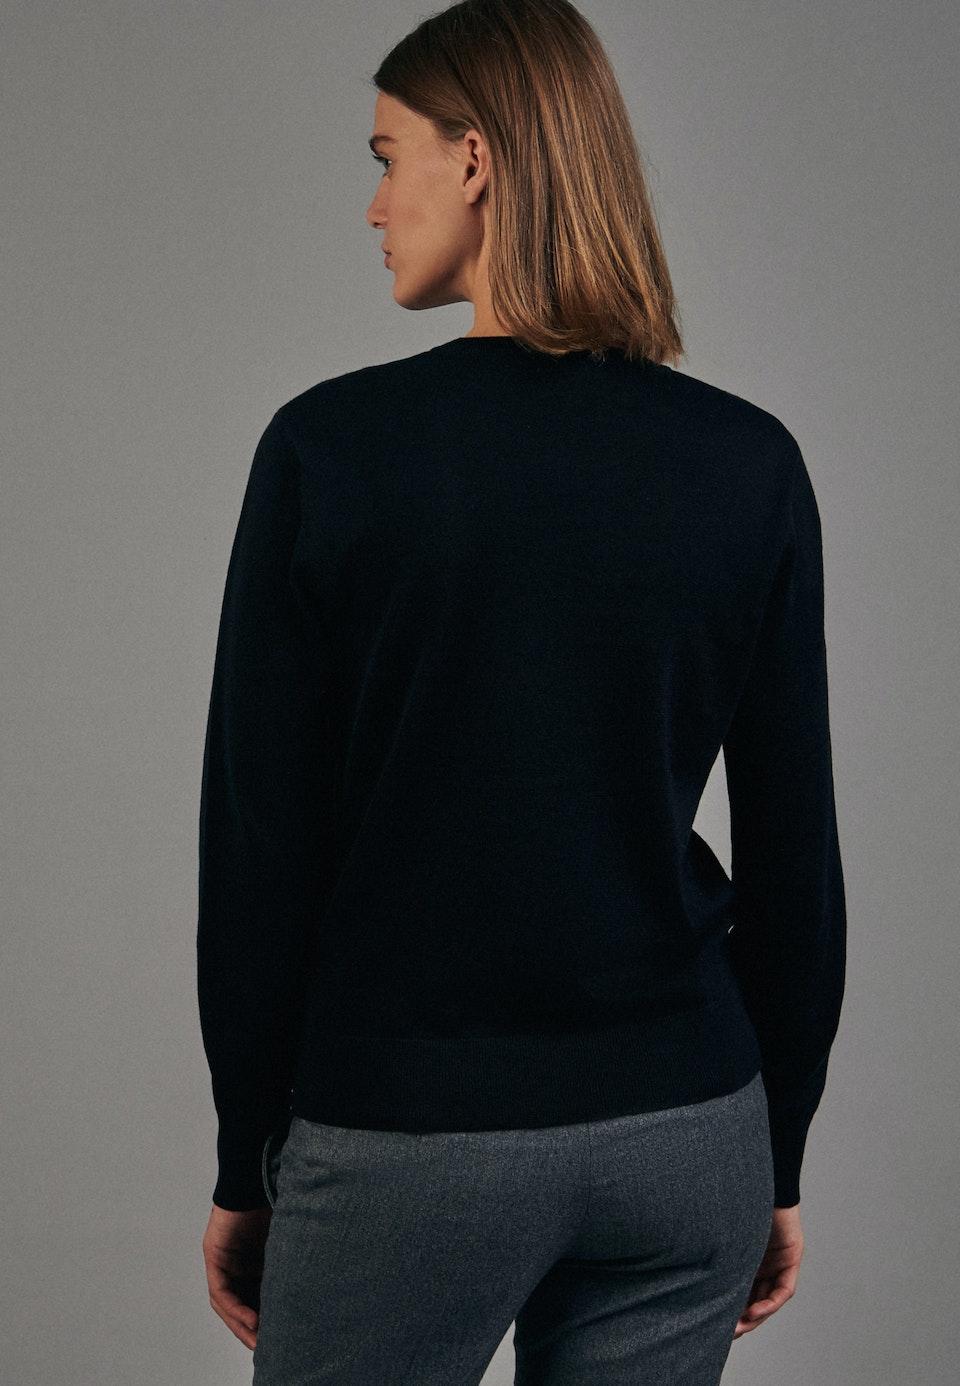 Crew Neck Pullover made of 100% Cotton in Black |  Seidensticker Onlineshop